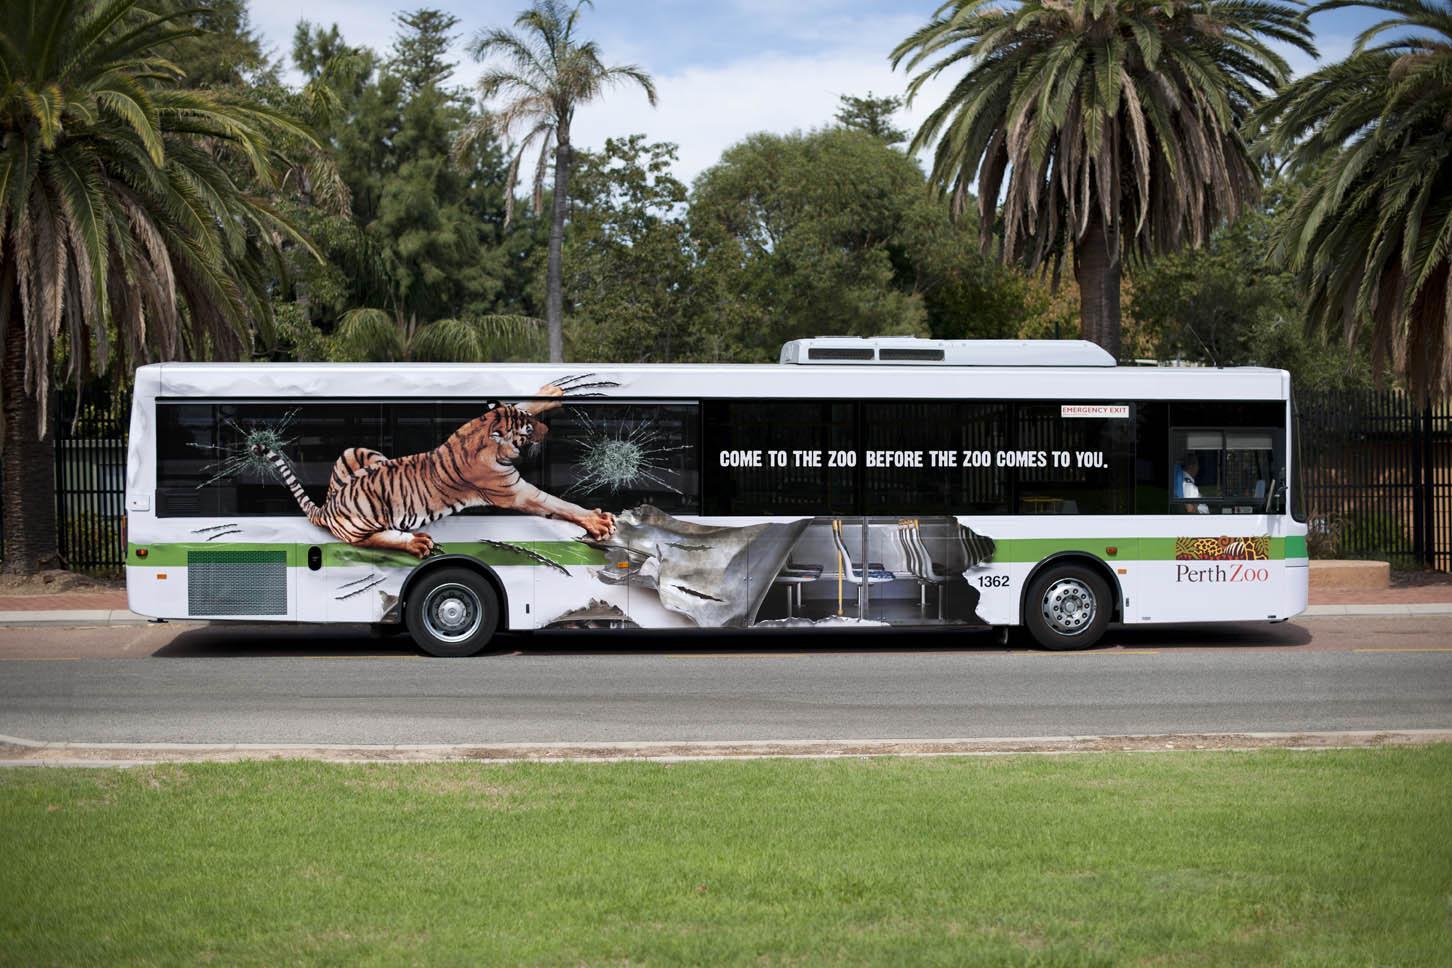 Perth-Zoo-Tiger-Bus.jpg